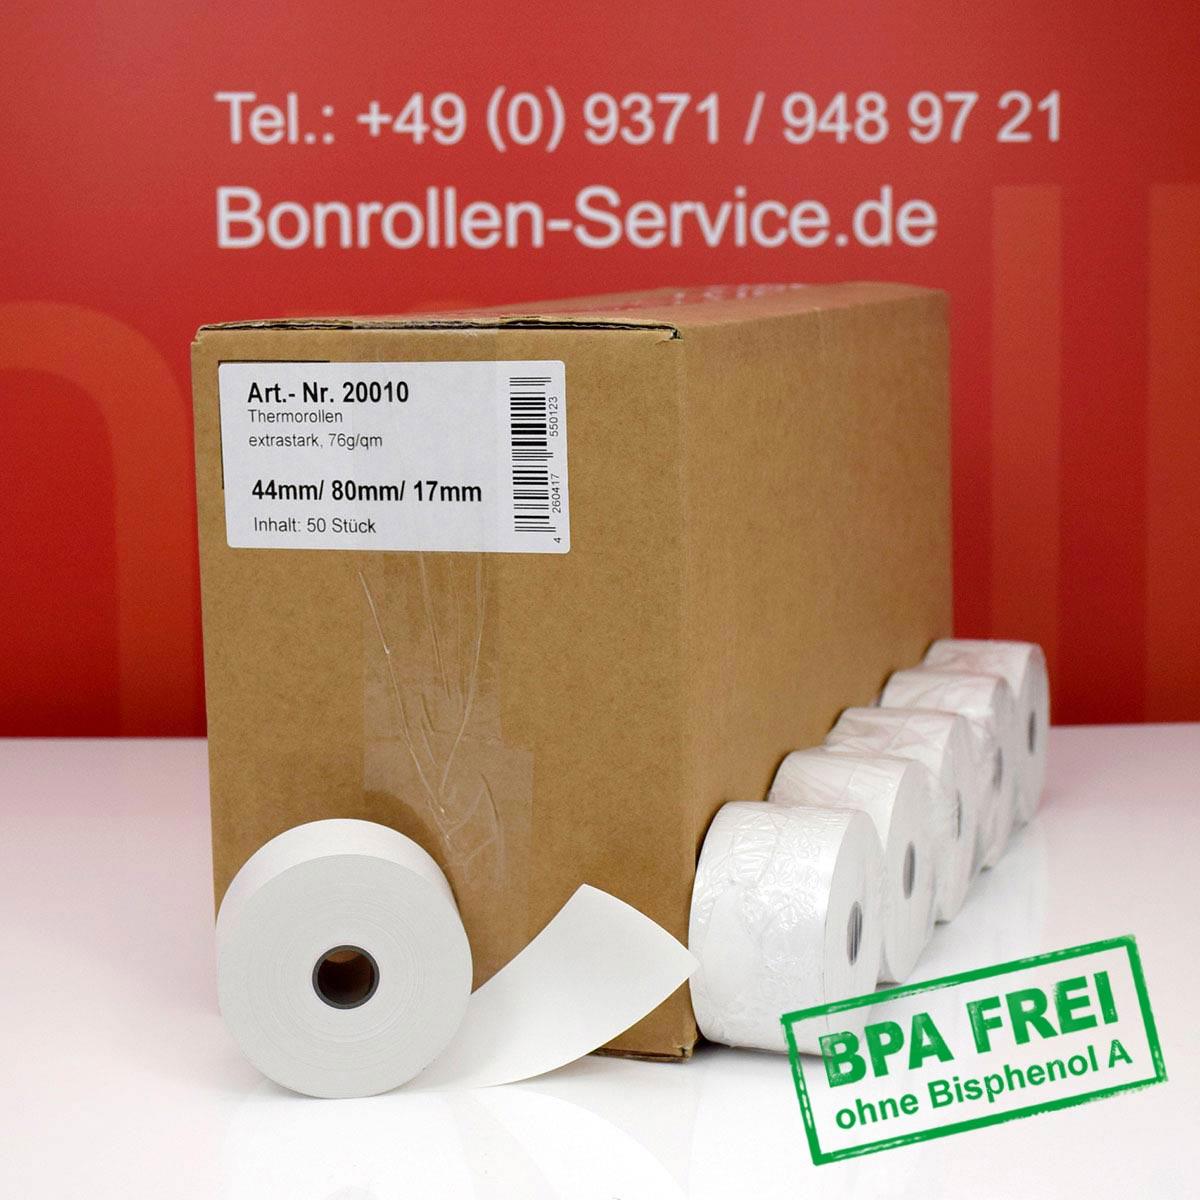 Thermorollen 44 / 80 / 17,5 weiß mit extra-starkem Papier